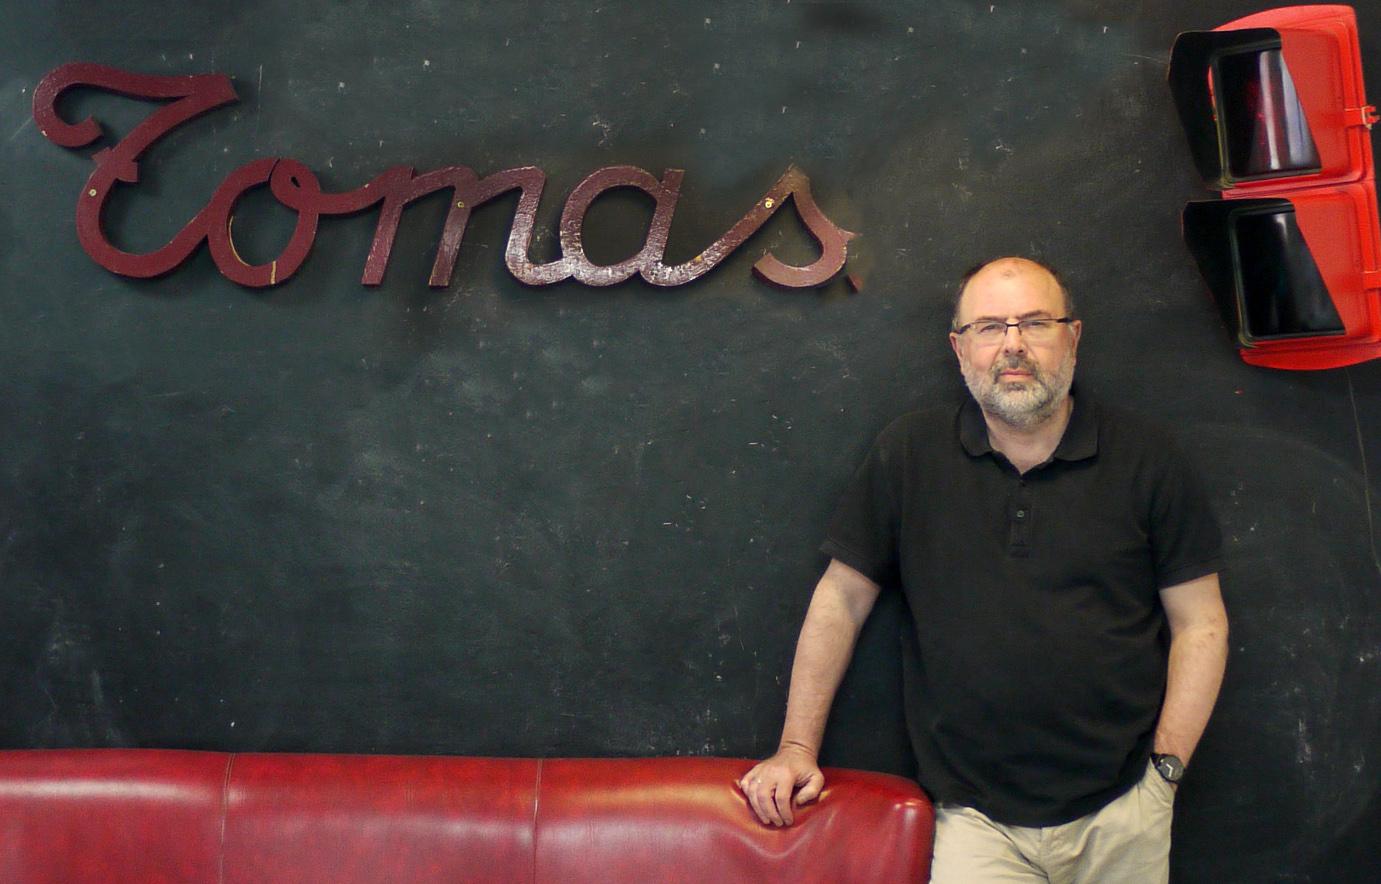 Tomás Gorria, el hombre con un diccionario en la cabeza